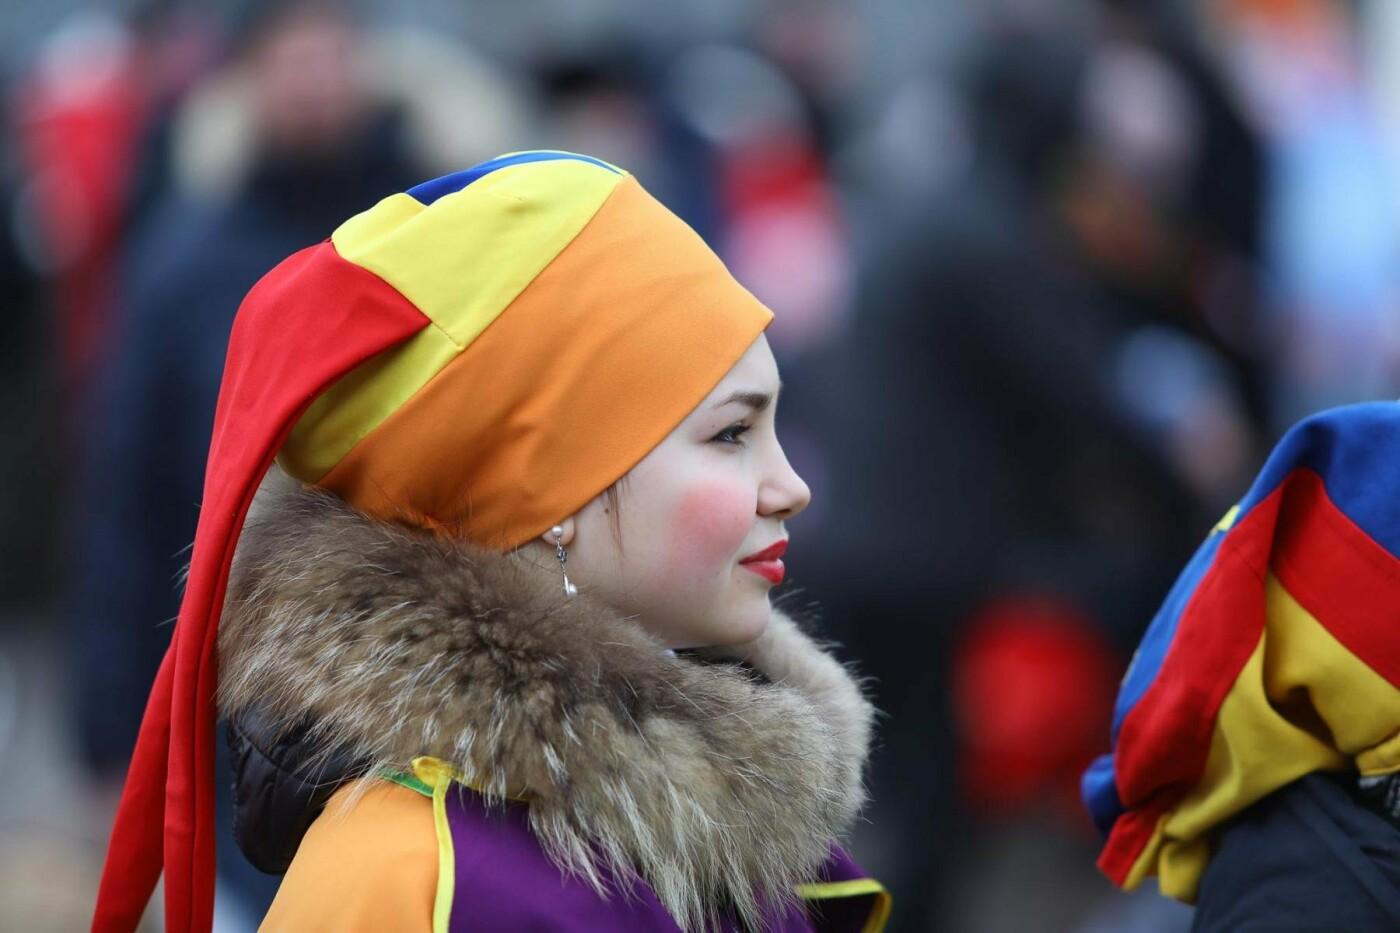 В Белгородской области в третий раз провели фестиваль «Маланья зимняя» — фоторепортаж, фото-5